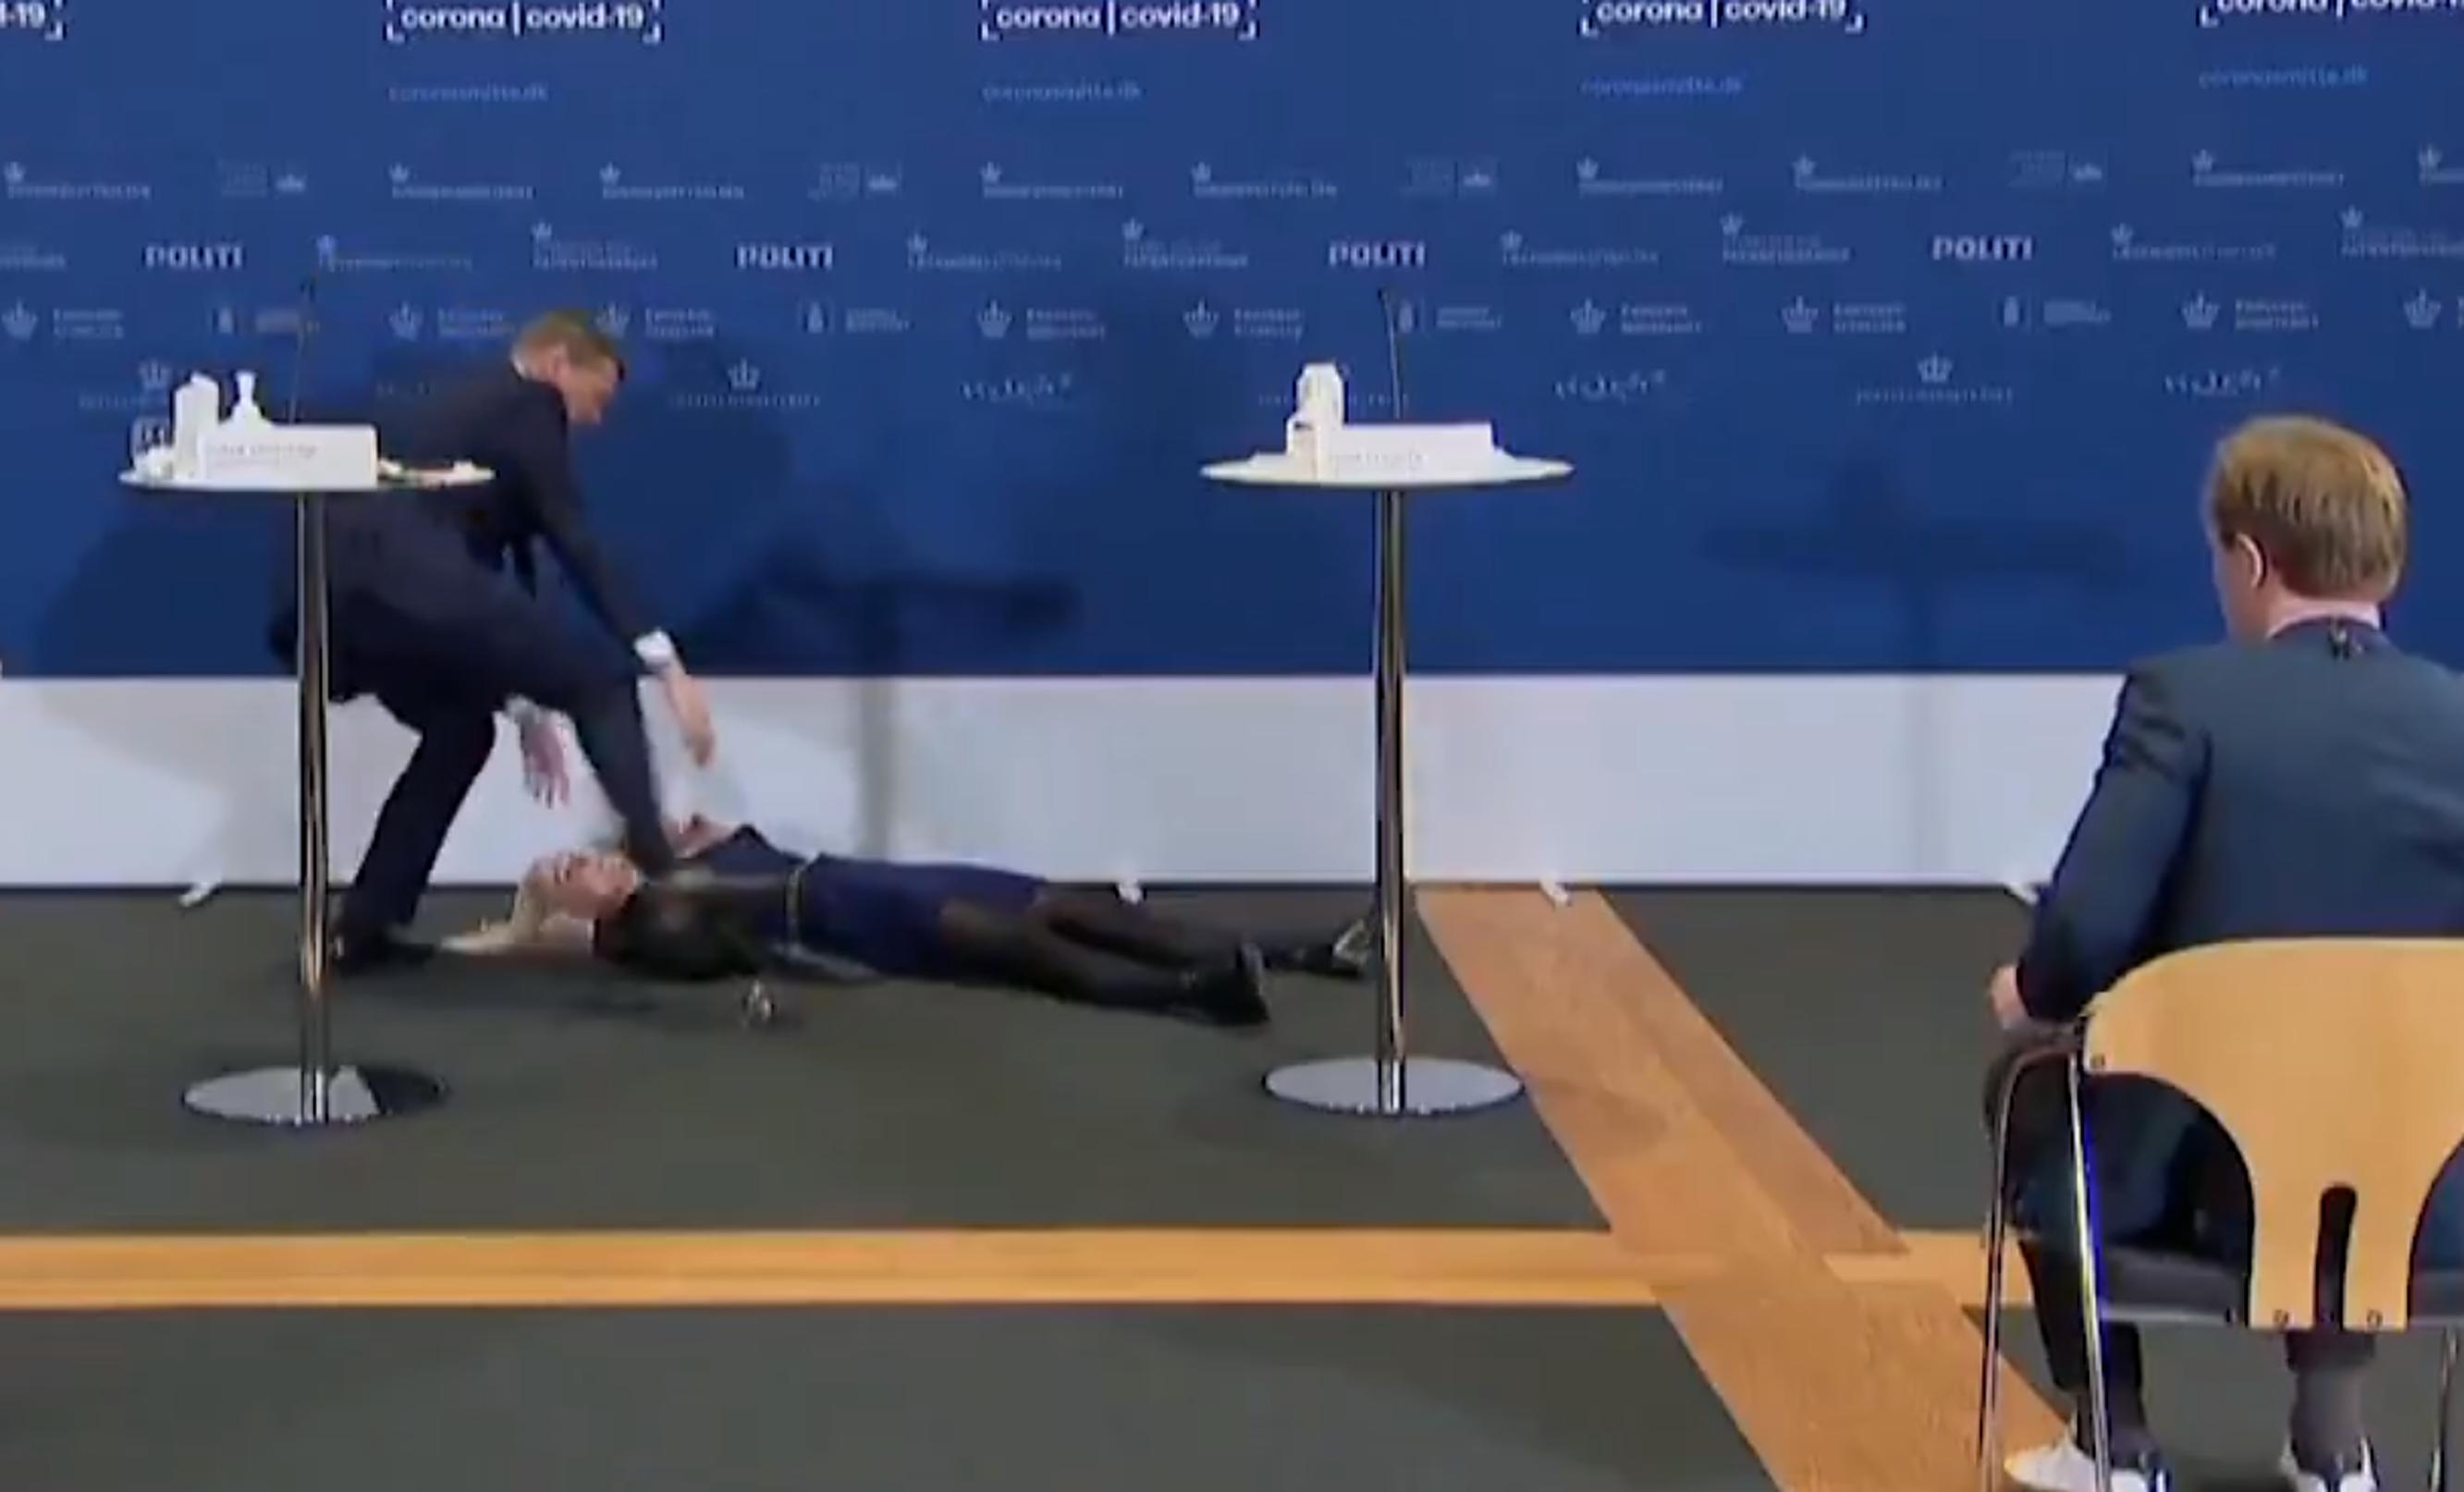 Danemarca  Șefa agenției de reglementare a medicamentelor a leșinat în timp ce anunța retragerea vaccinului AstraZeneca. VIDEO